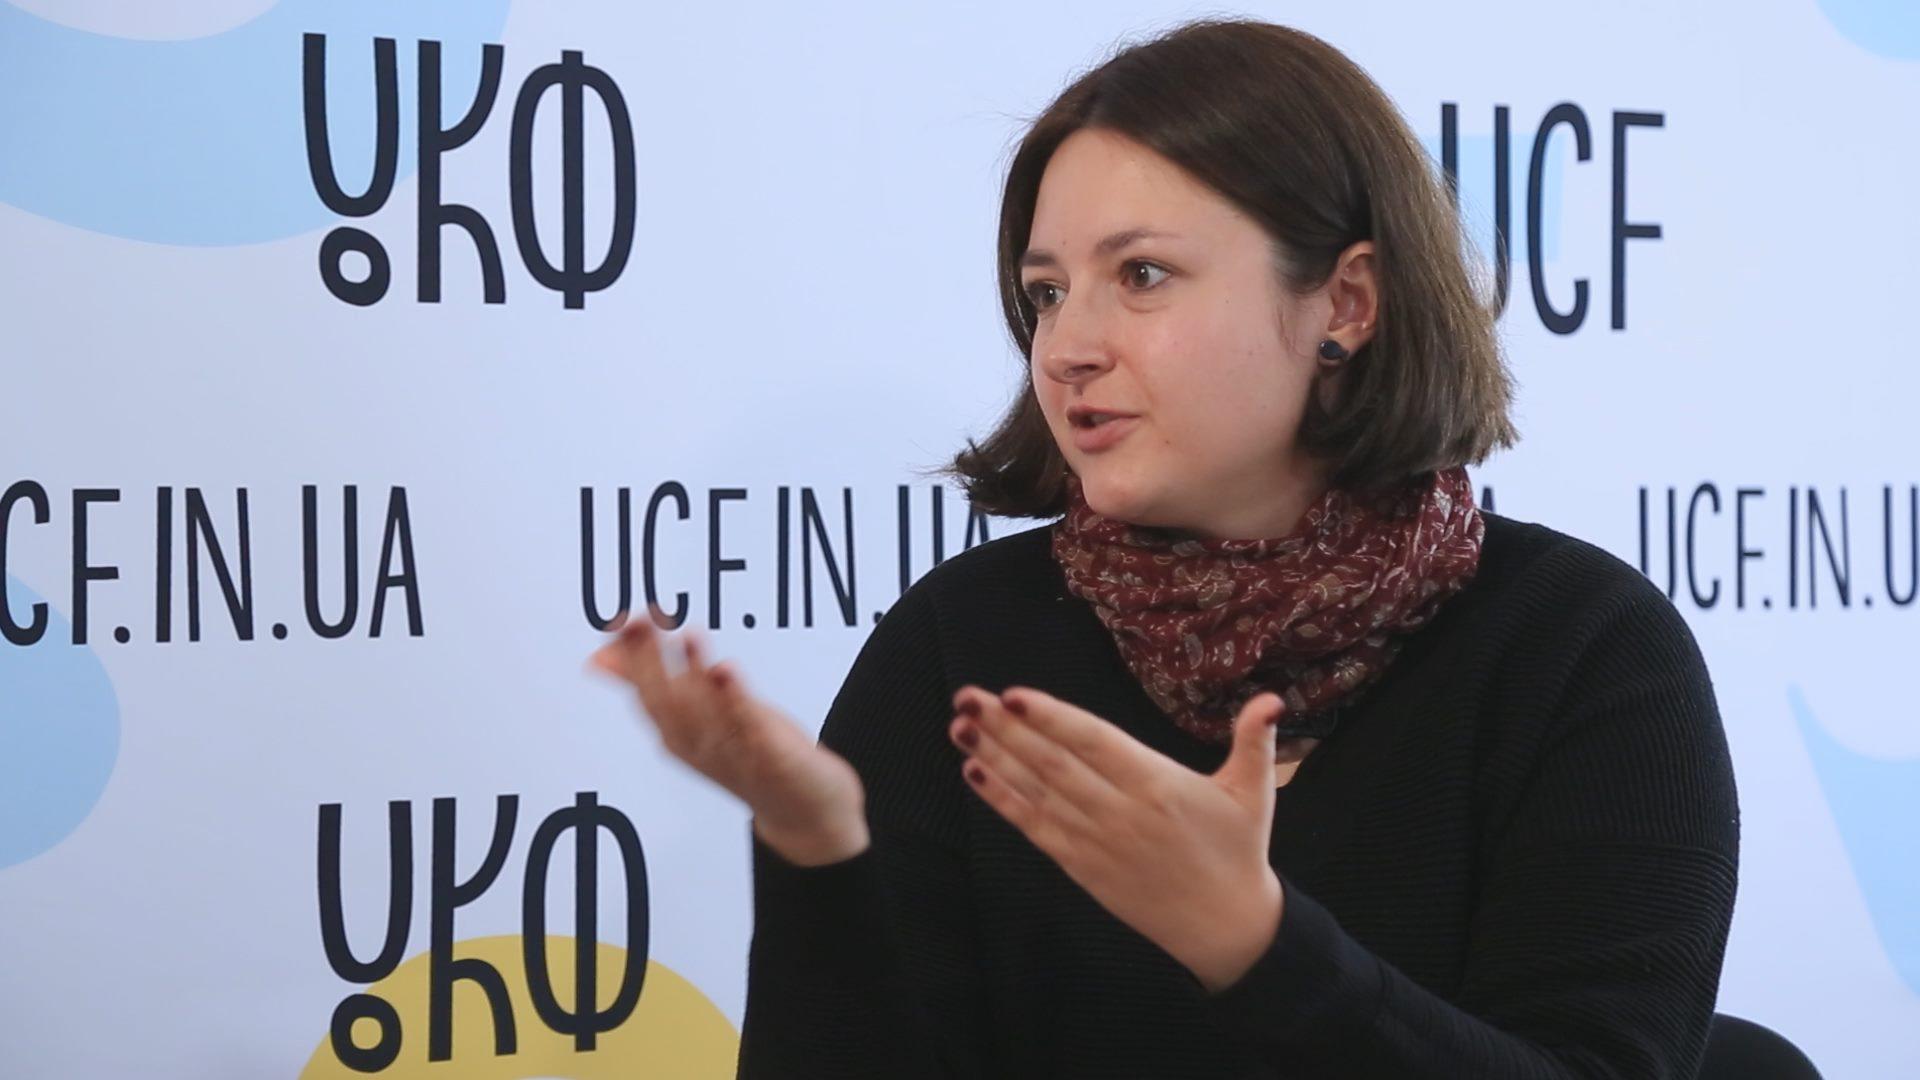 """Юлія Федів: """"Майже всі експерти УКФ погодились оцінювати проєкти лише на умовах анонімності"""" (ВІДЕО)"""